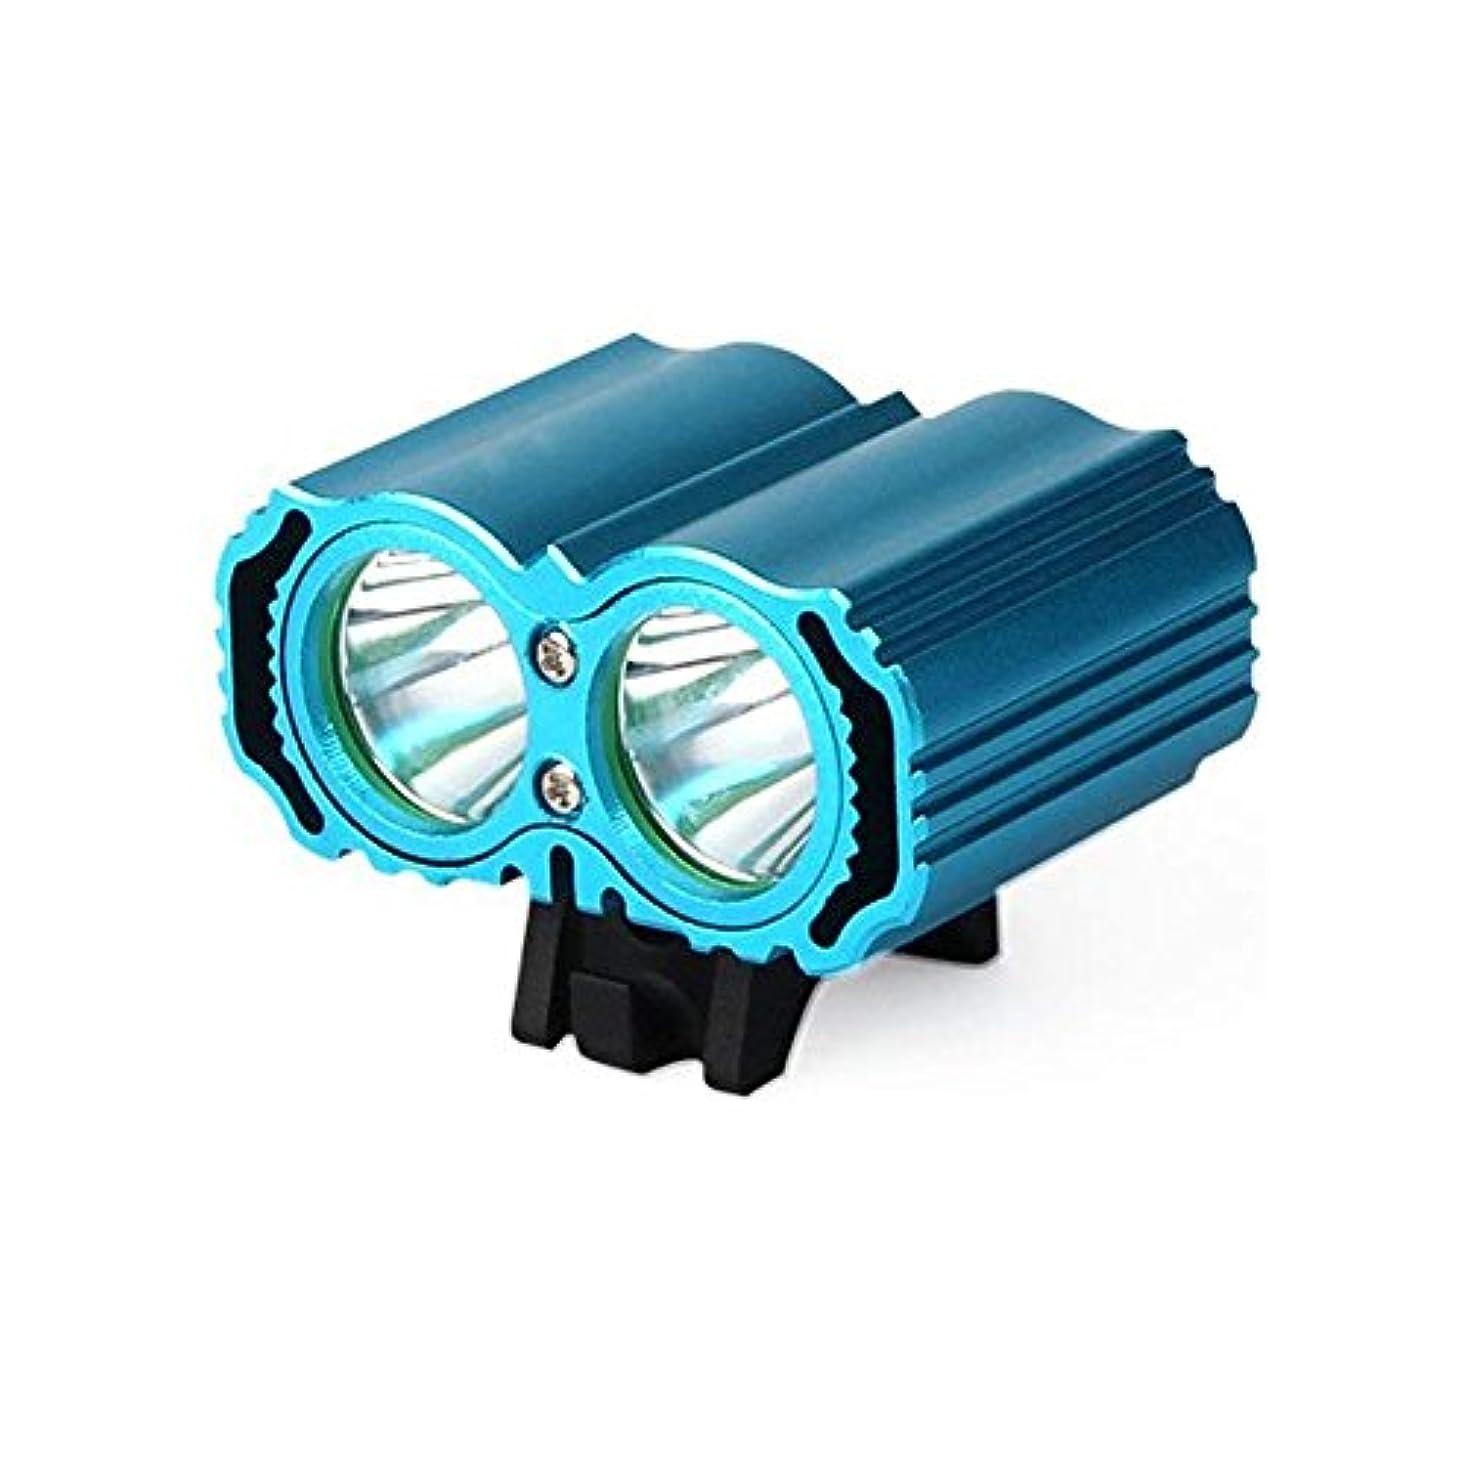 ハウジング溝ヒューズMUTANG マウンテンバイクヘッドライトUSB充電IPX - 6防水自転車ライトL2グレアライトナイトライト自転車アクセサリー